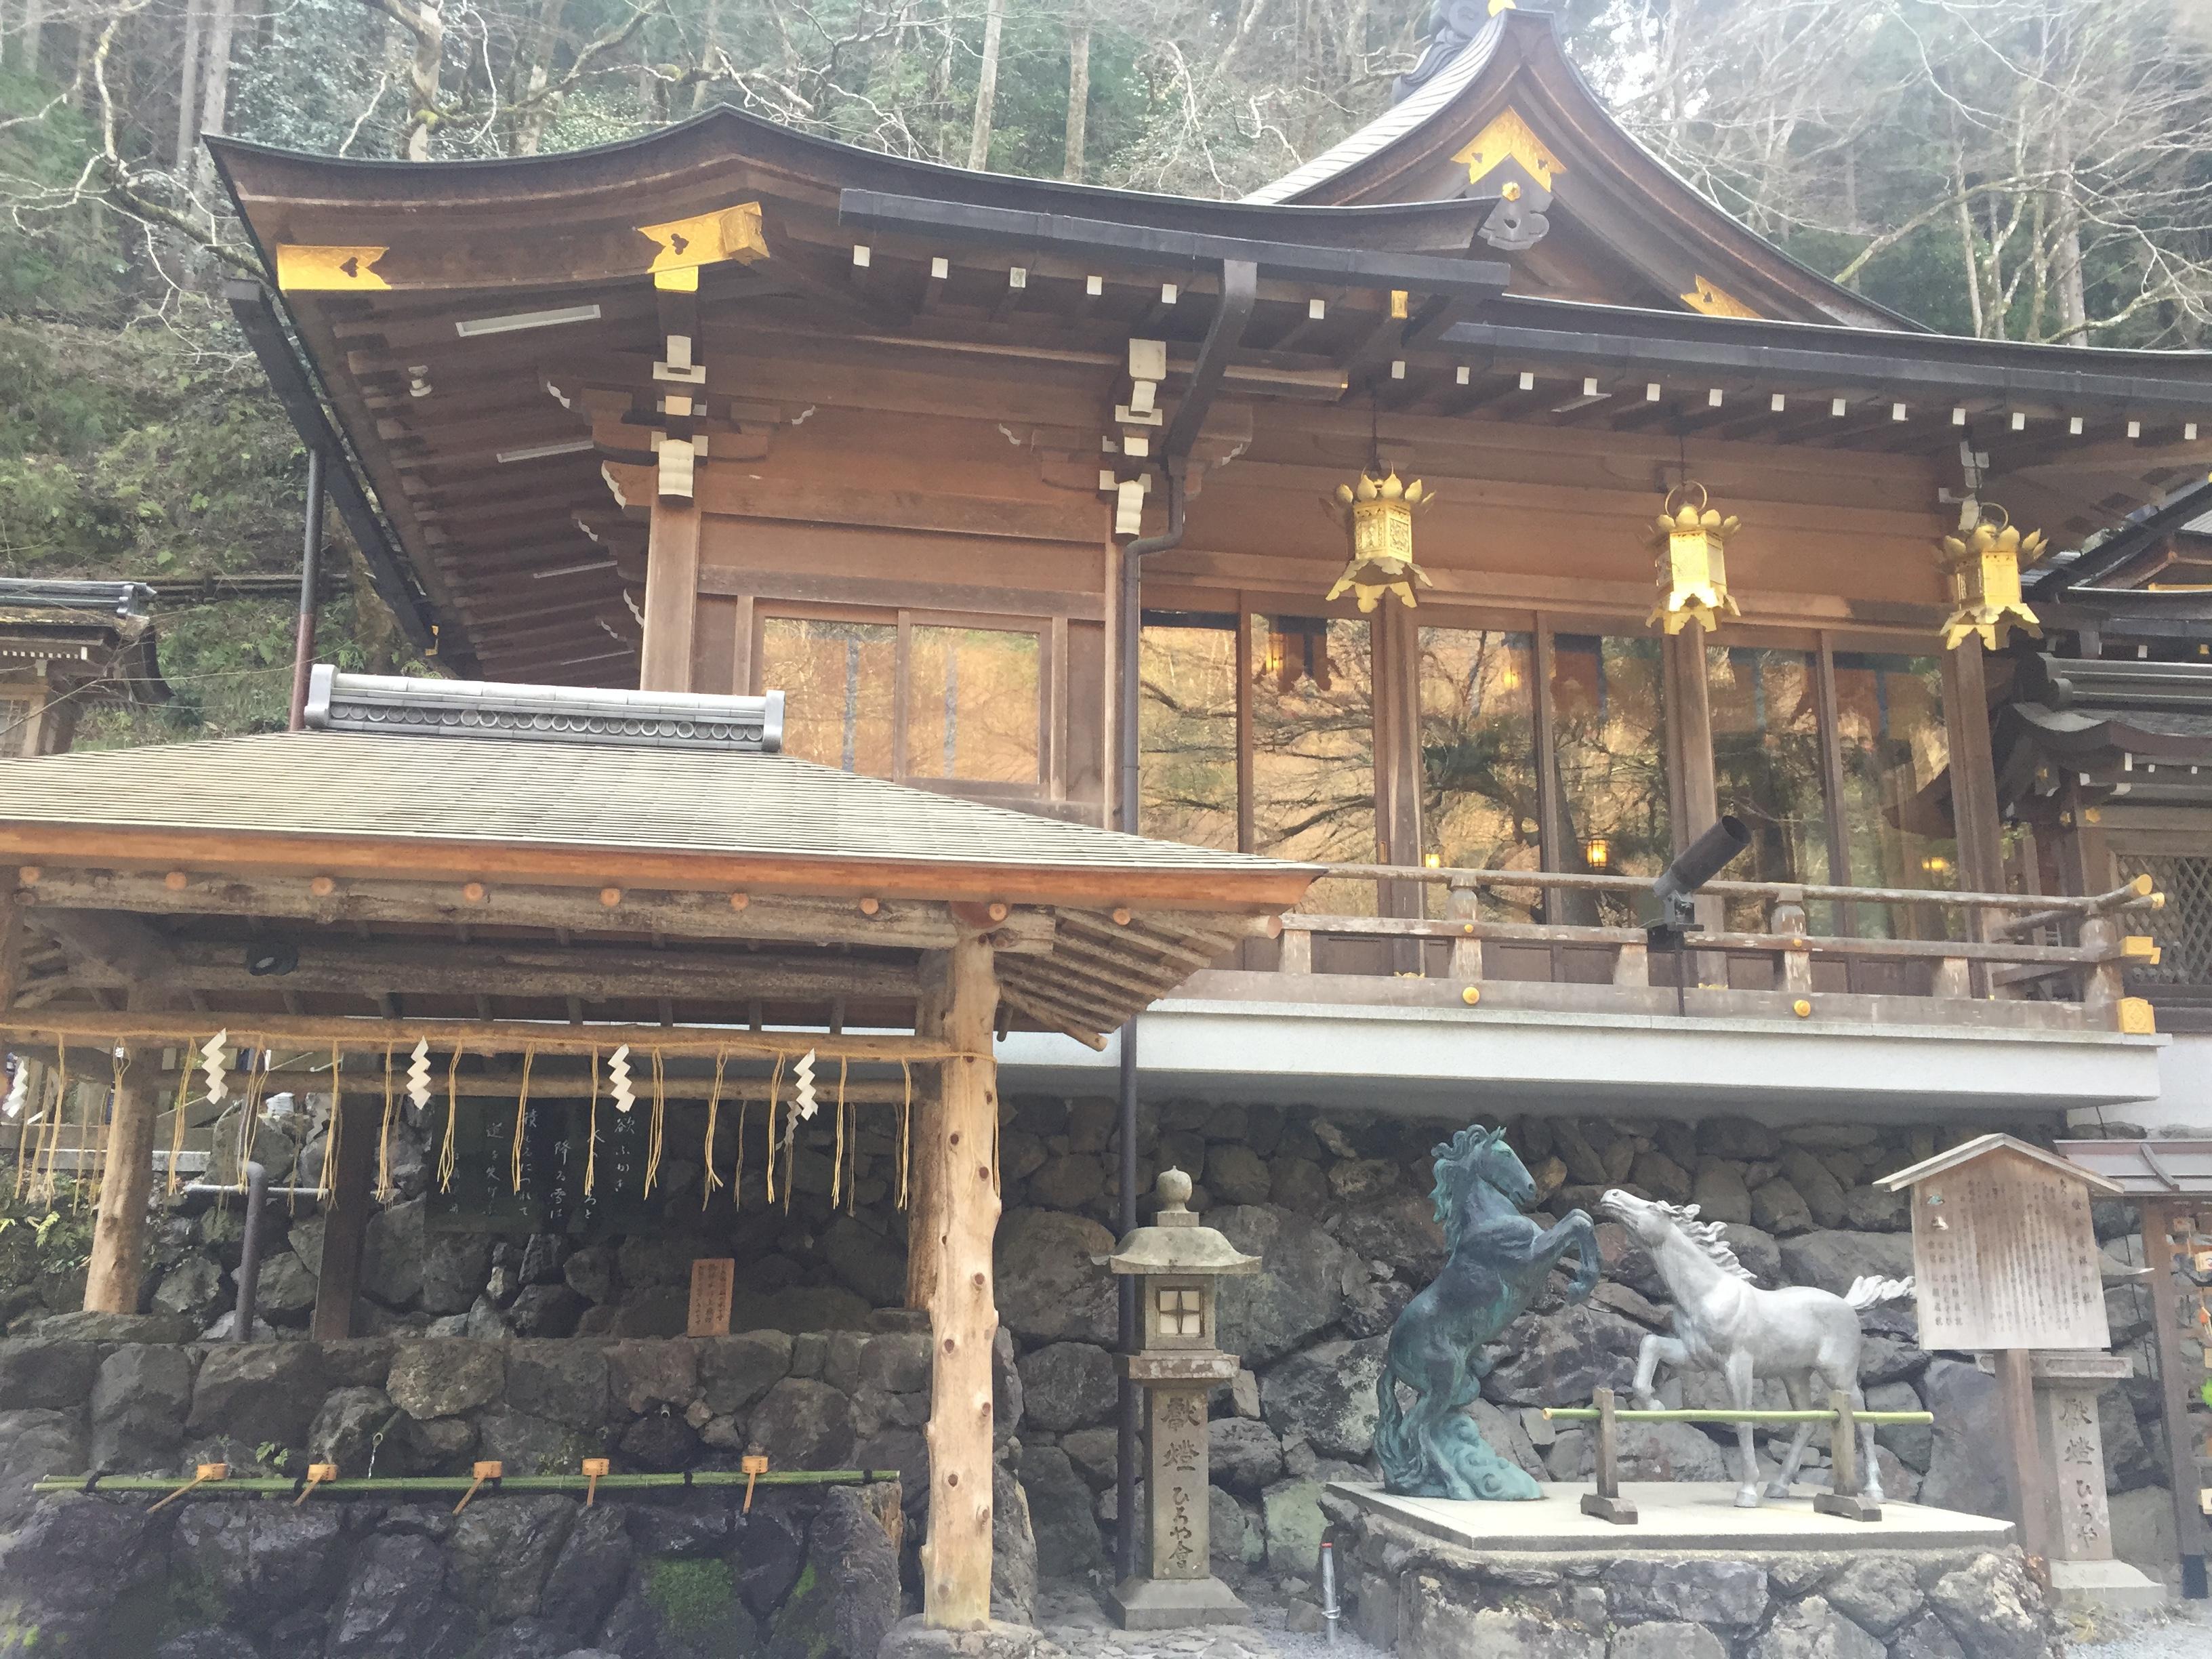 【貴船神社】 日本のルルドの泉! 貴船神社の総本社で、絵馬発祥の地。緑と水が気持ち良い癒しスポット